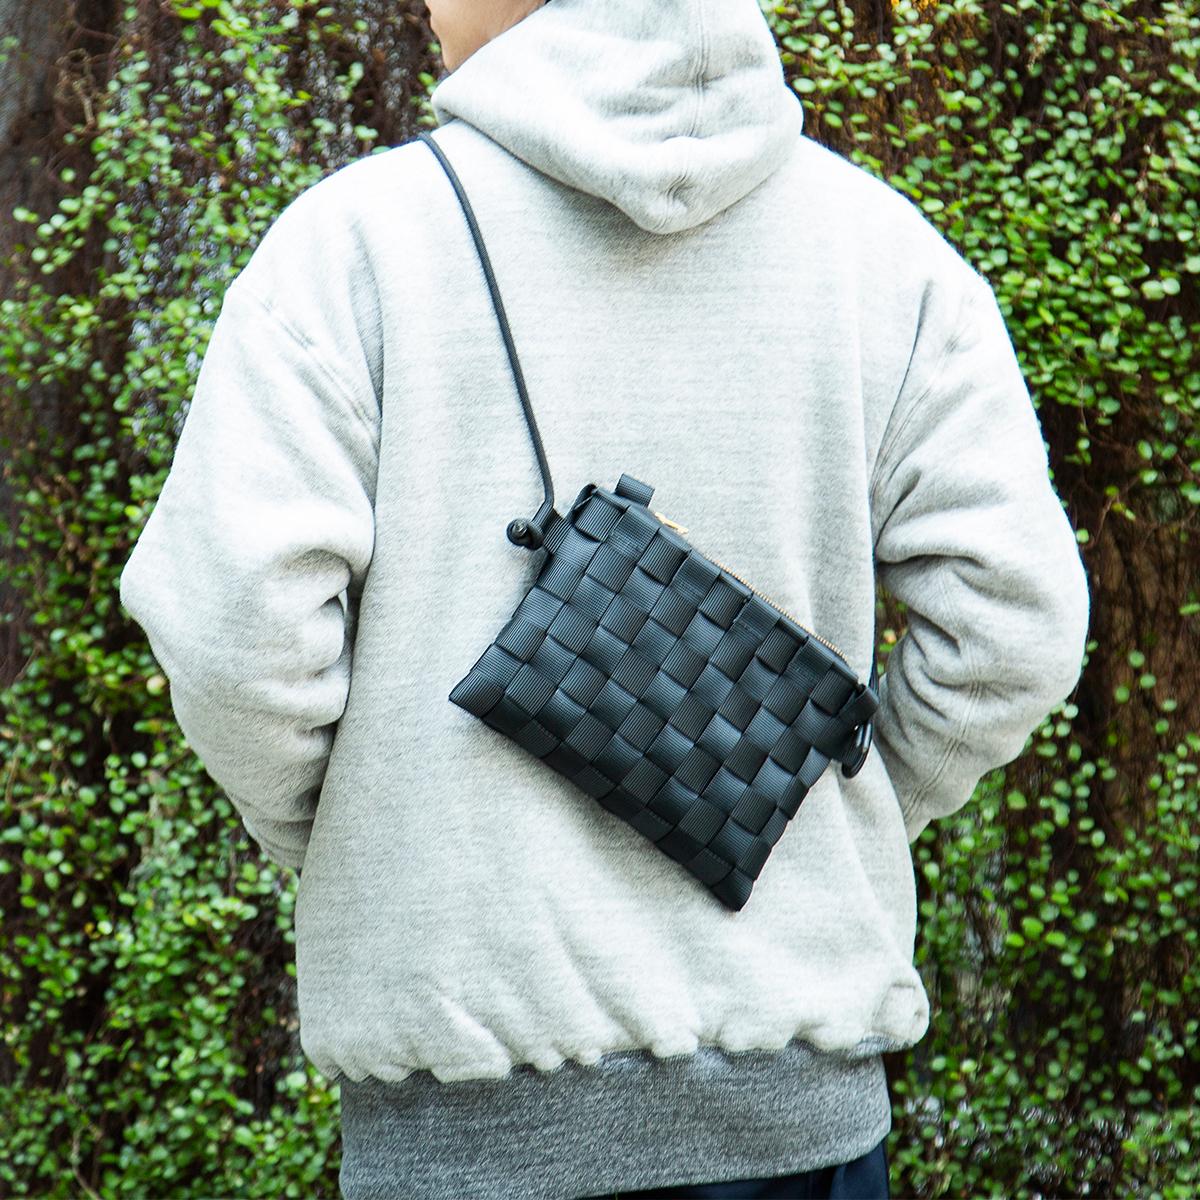 サコッシュ 取り外し可能なポーチinバッグが付属、3通りの使い方ができる「ショルダーバッグ」  PACK